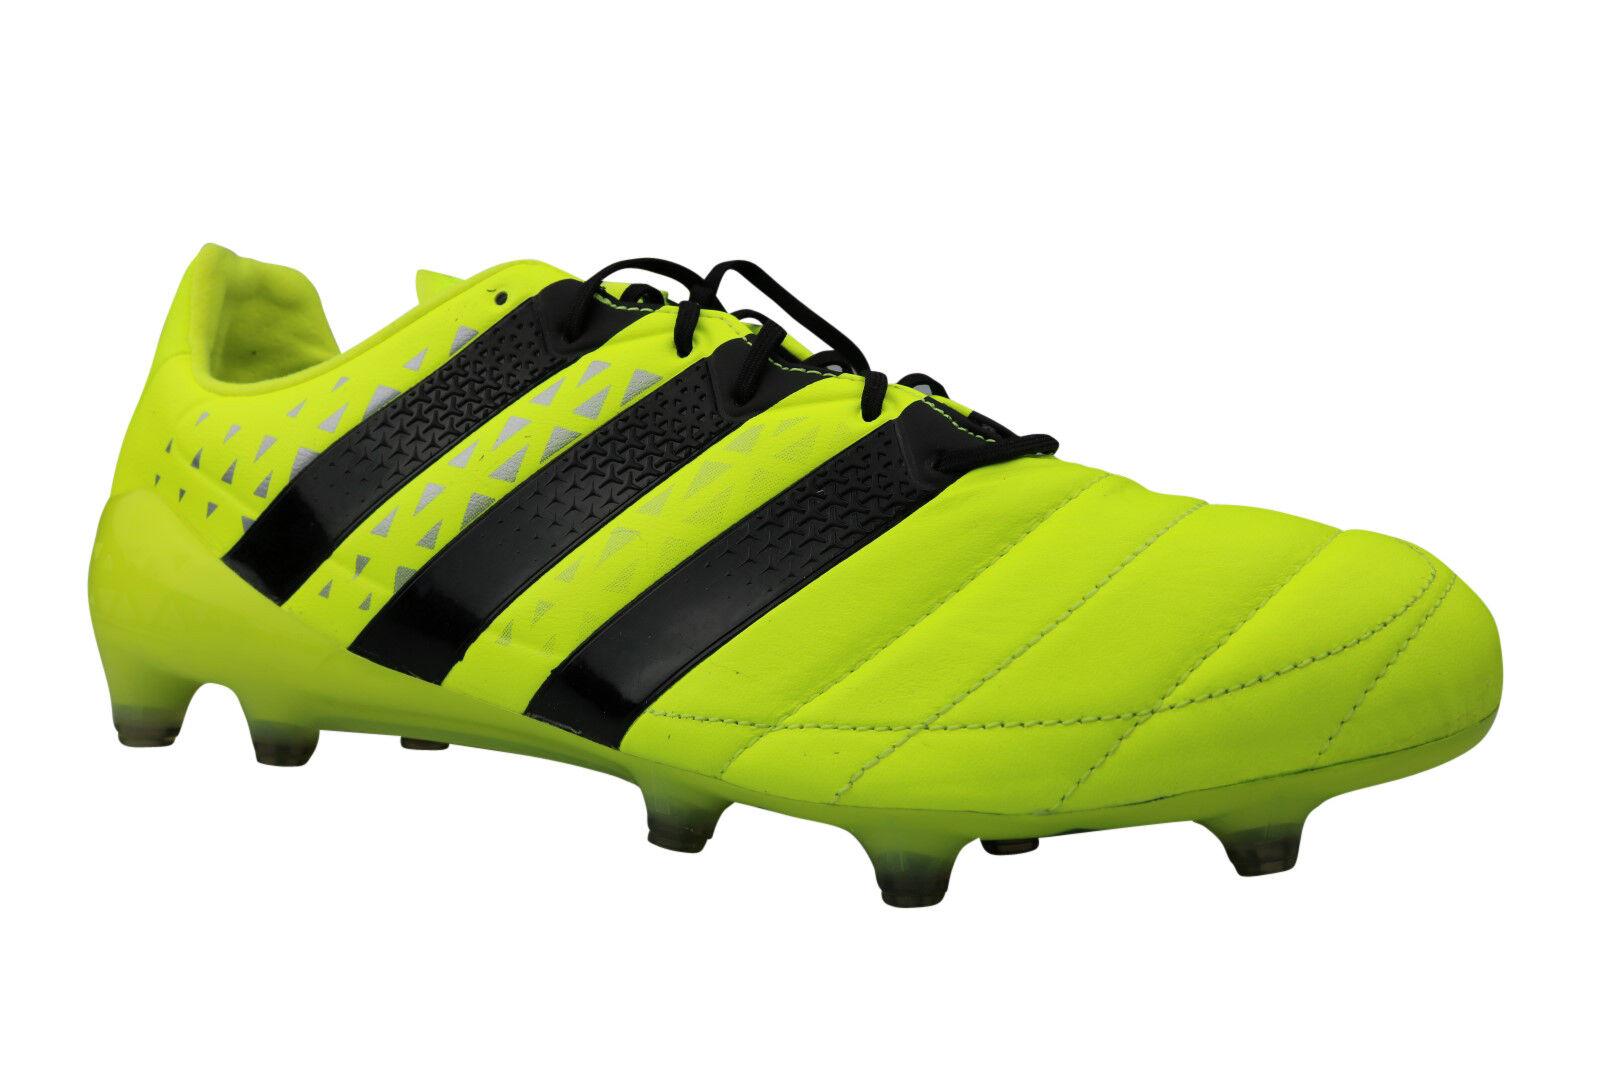 Adidas Ace 16.1 FG cuero botas de fútbol s79684 levas amarillo talla 41 & 46 2 3 nuevo